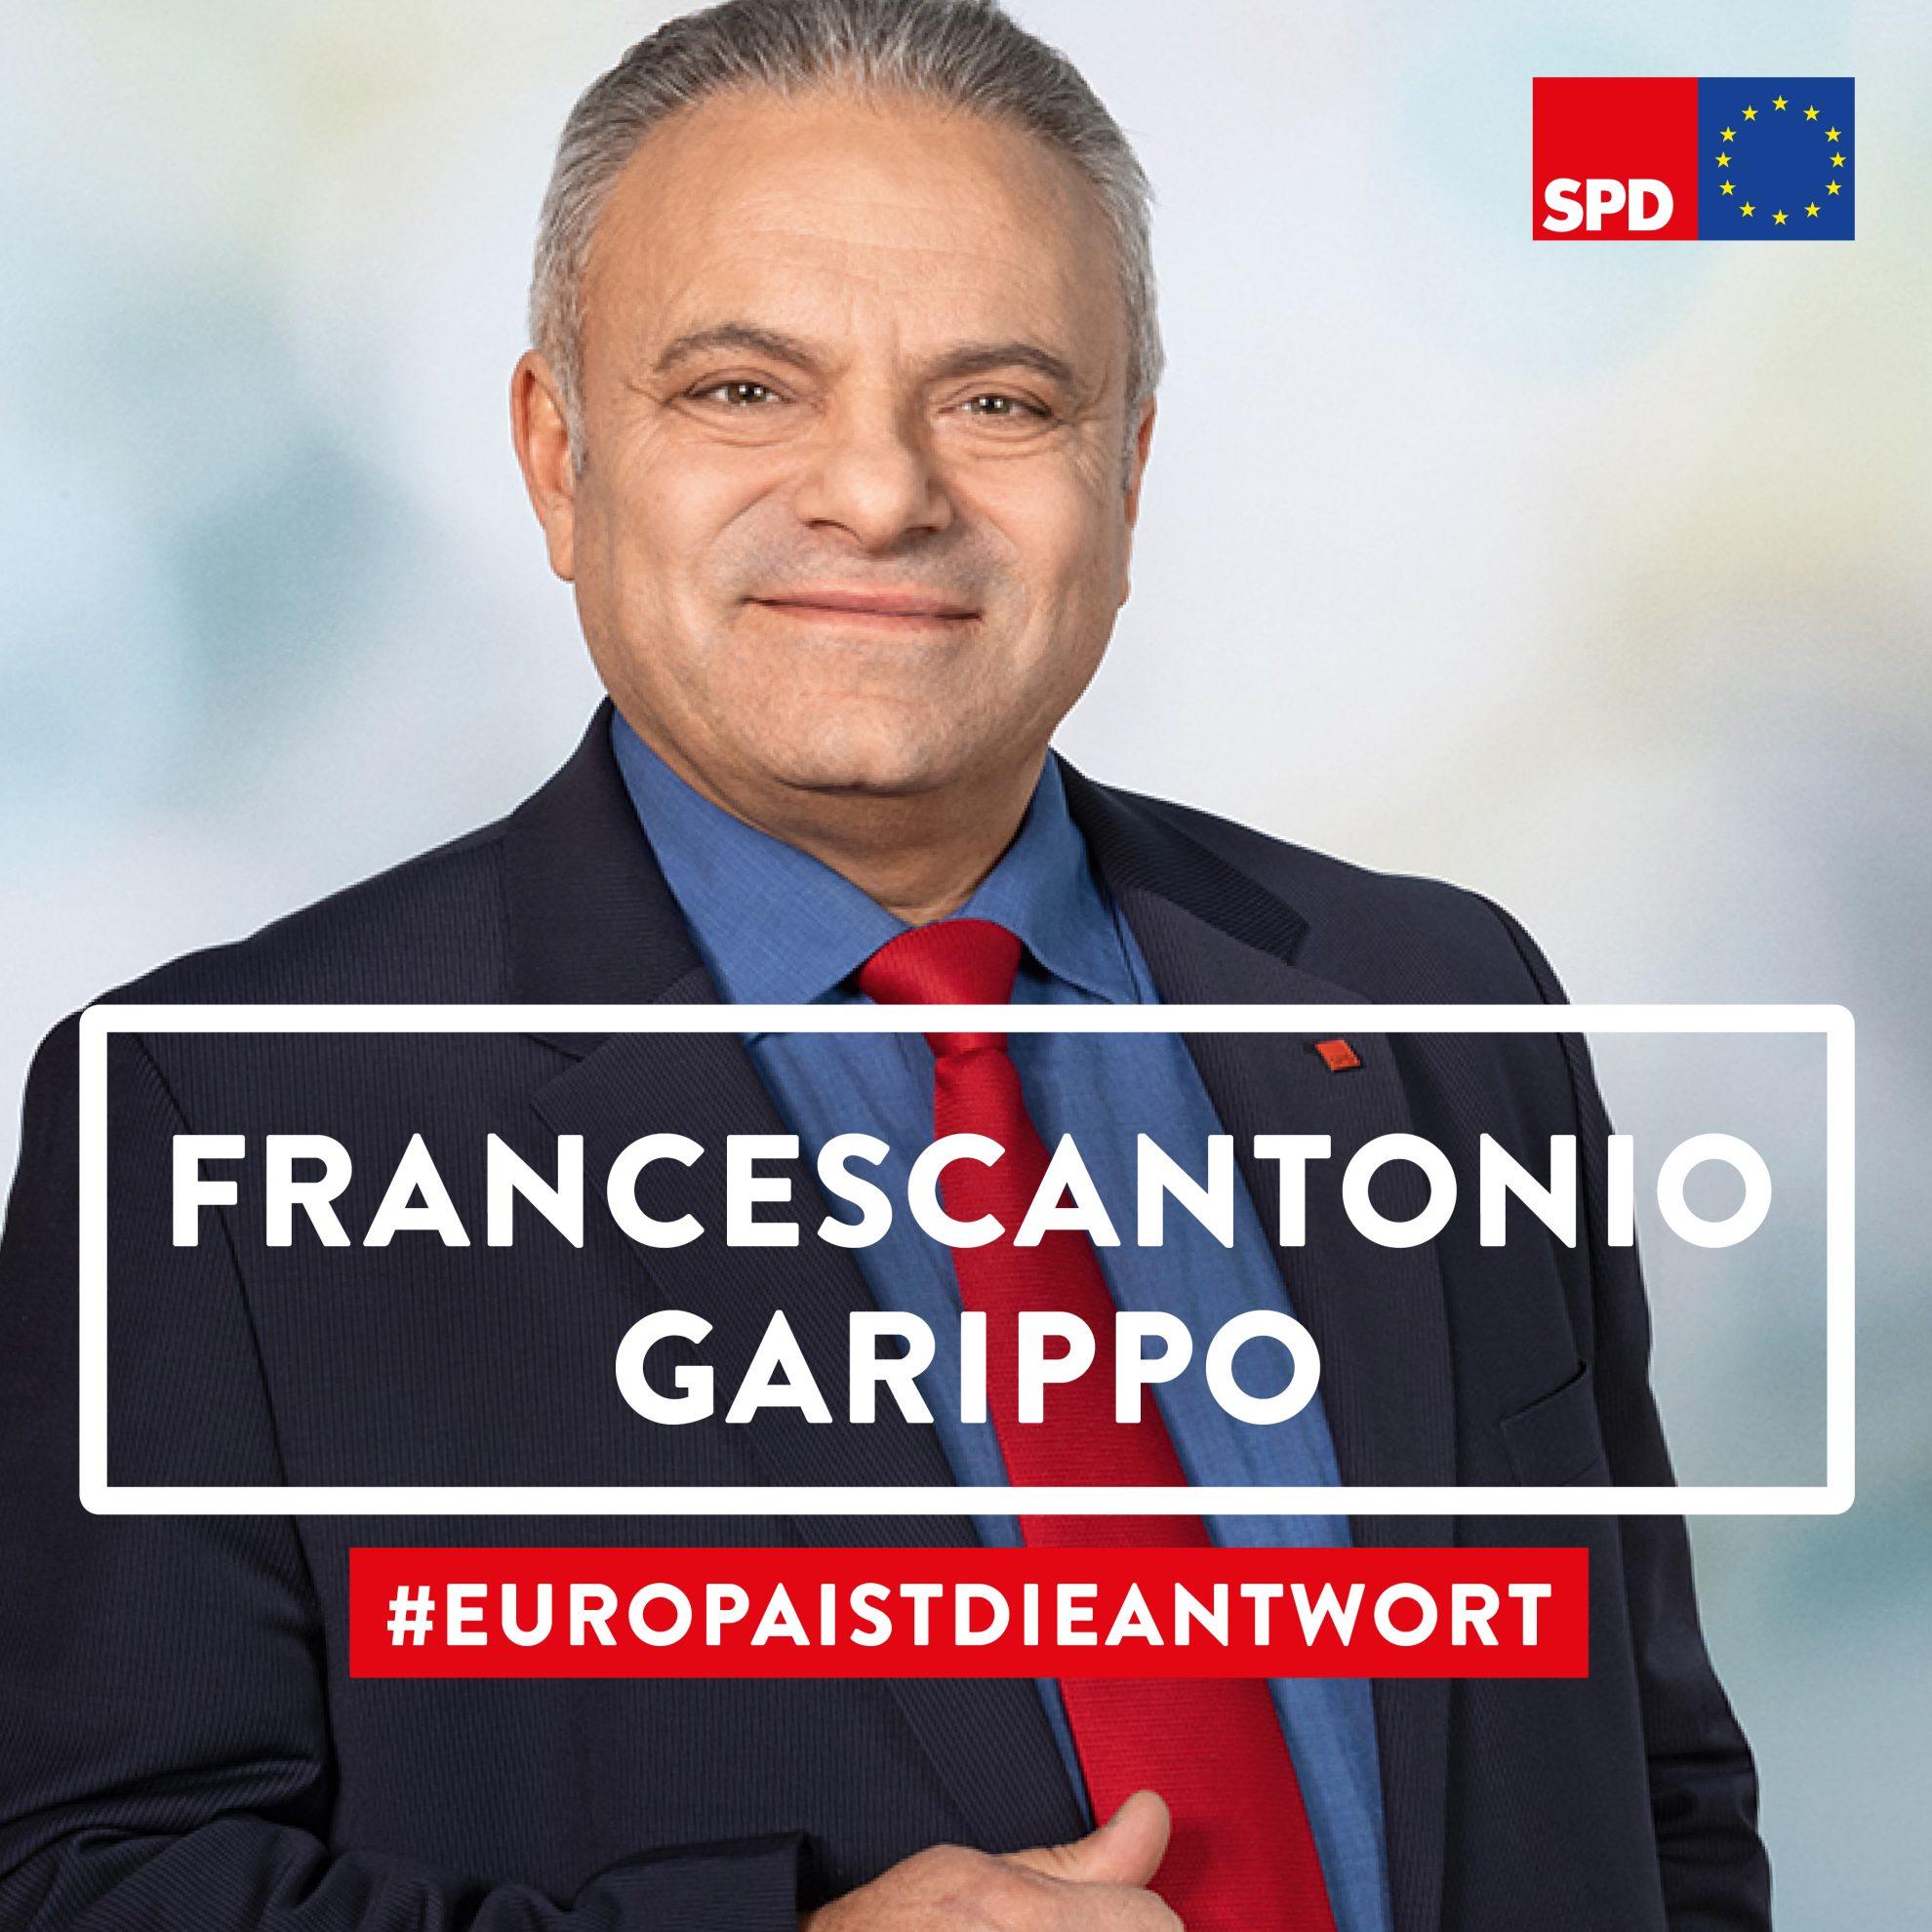 Das Bild zeigt ein Porträt unseres Europa-Kandidaten Francescantonio Garippo in der Halbtotalen. Francescantonio Garippo steht lachend vor einem pastellfarbenem Hintergrund.